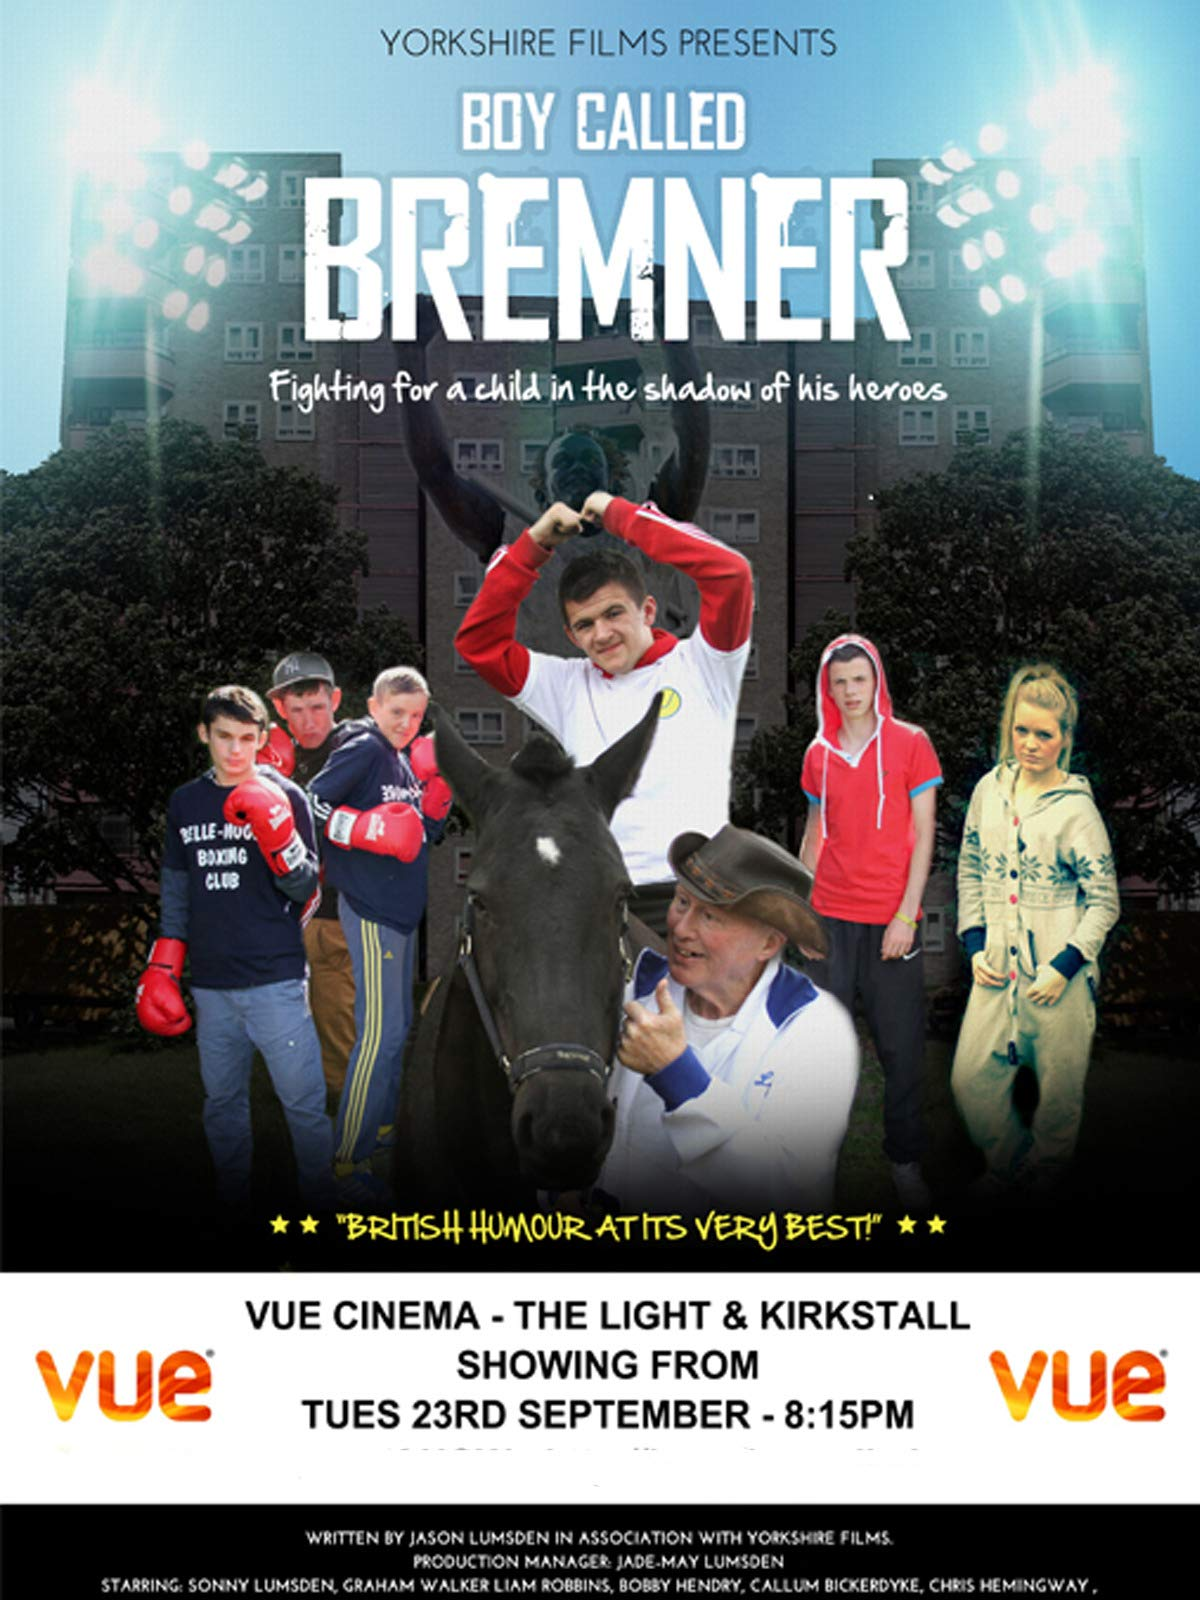 Boy Called Bremner